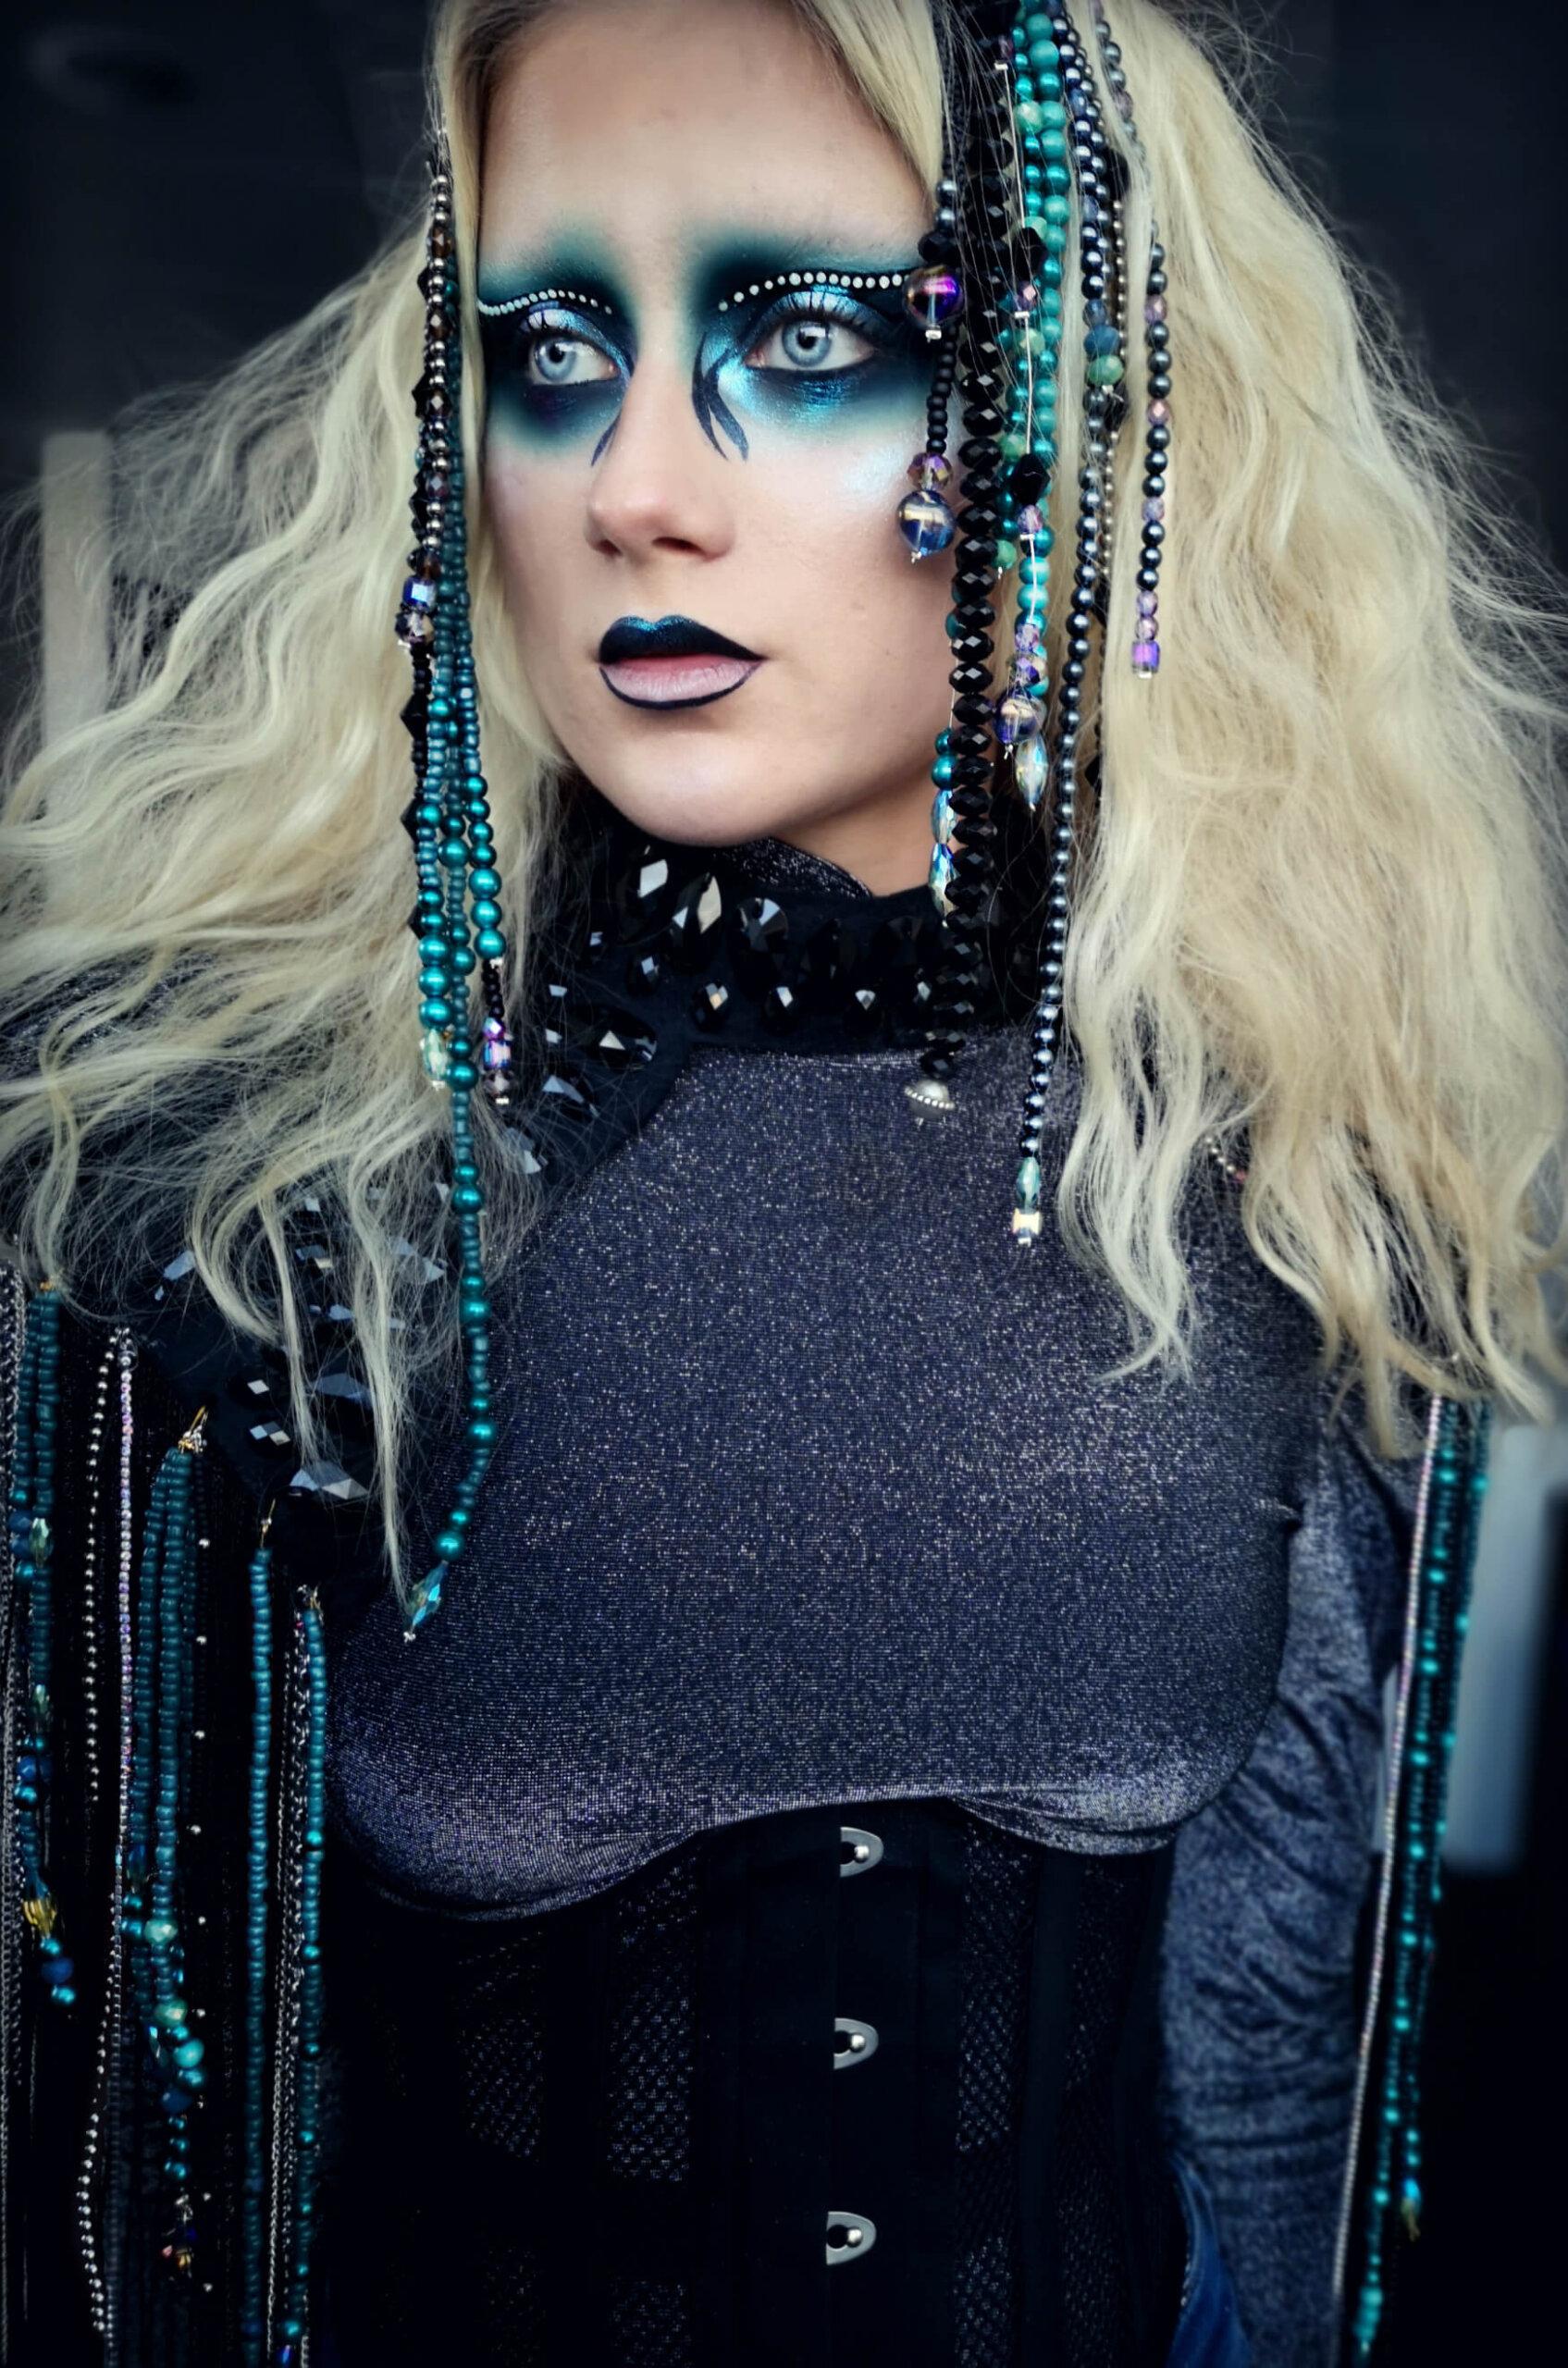 disco makeup and costume- candy makeup artist